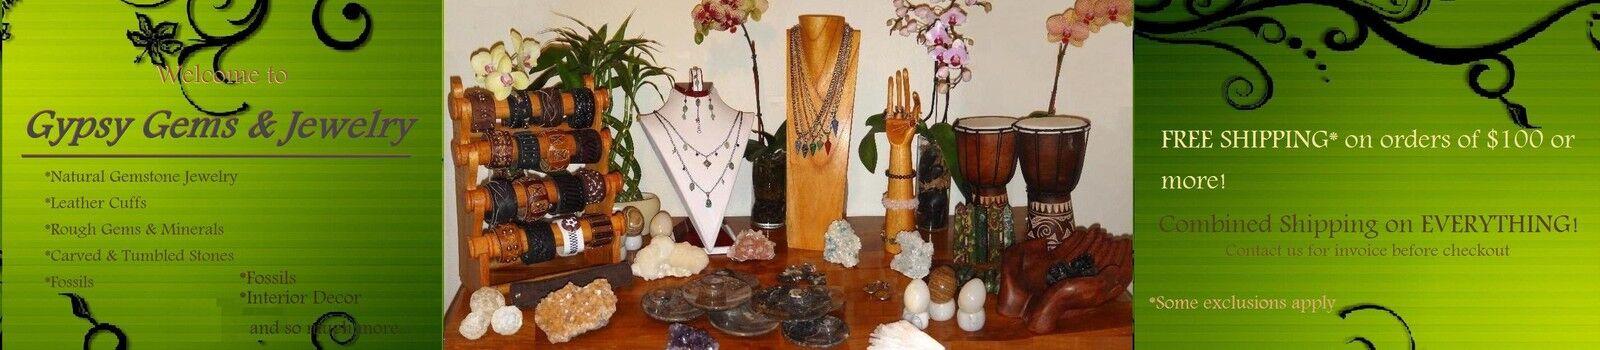 Gypsy Gems & Jewelry